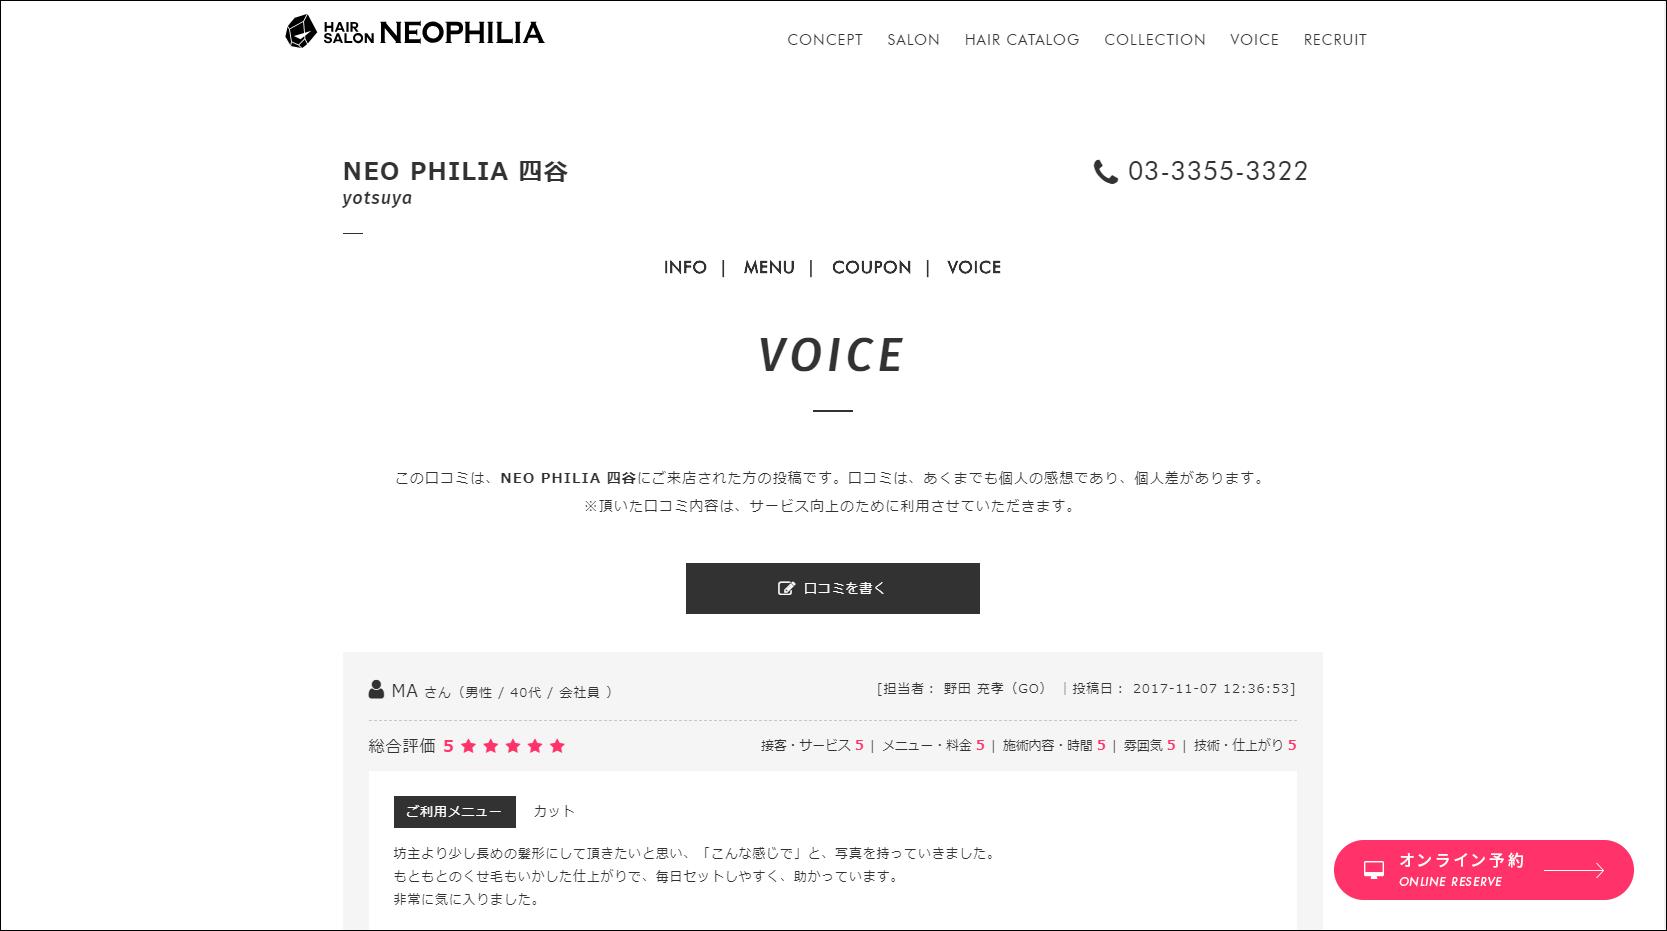 ホームページ制作実績『美容室』【NEOPHILIA(ネオフィリア)】様サロン詳細口コミページ